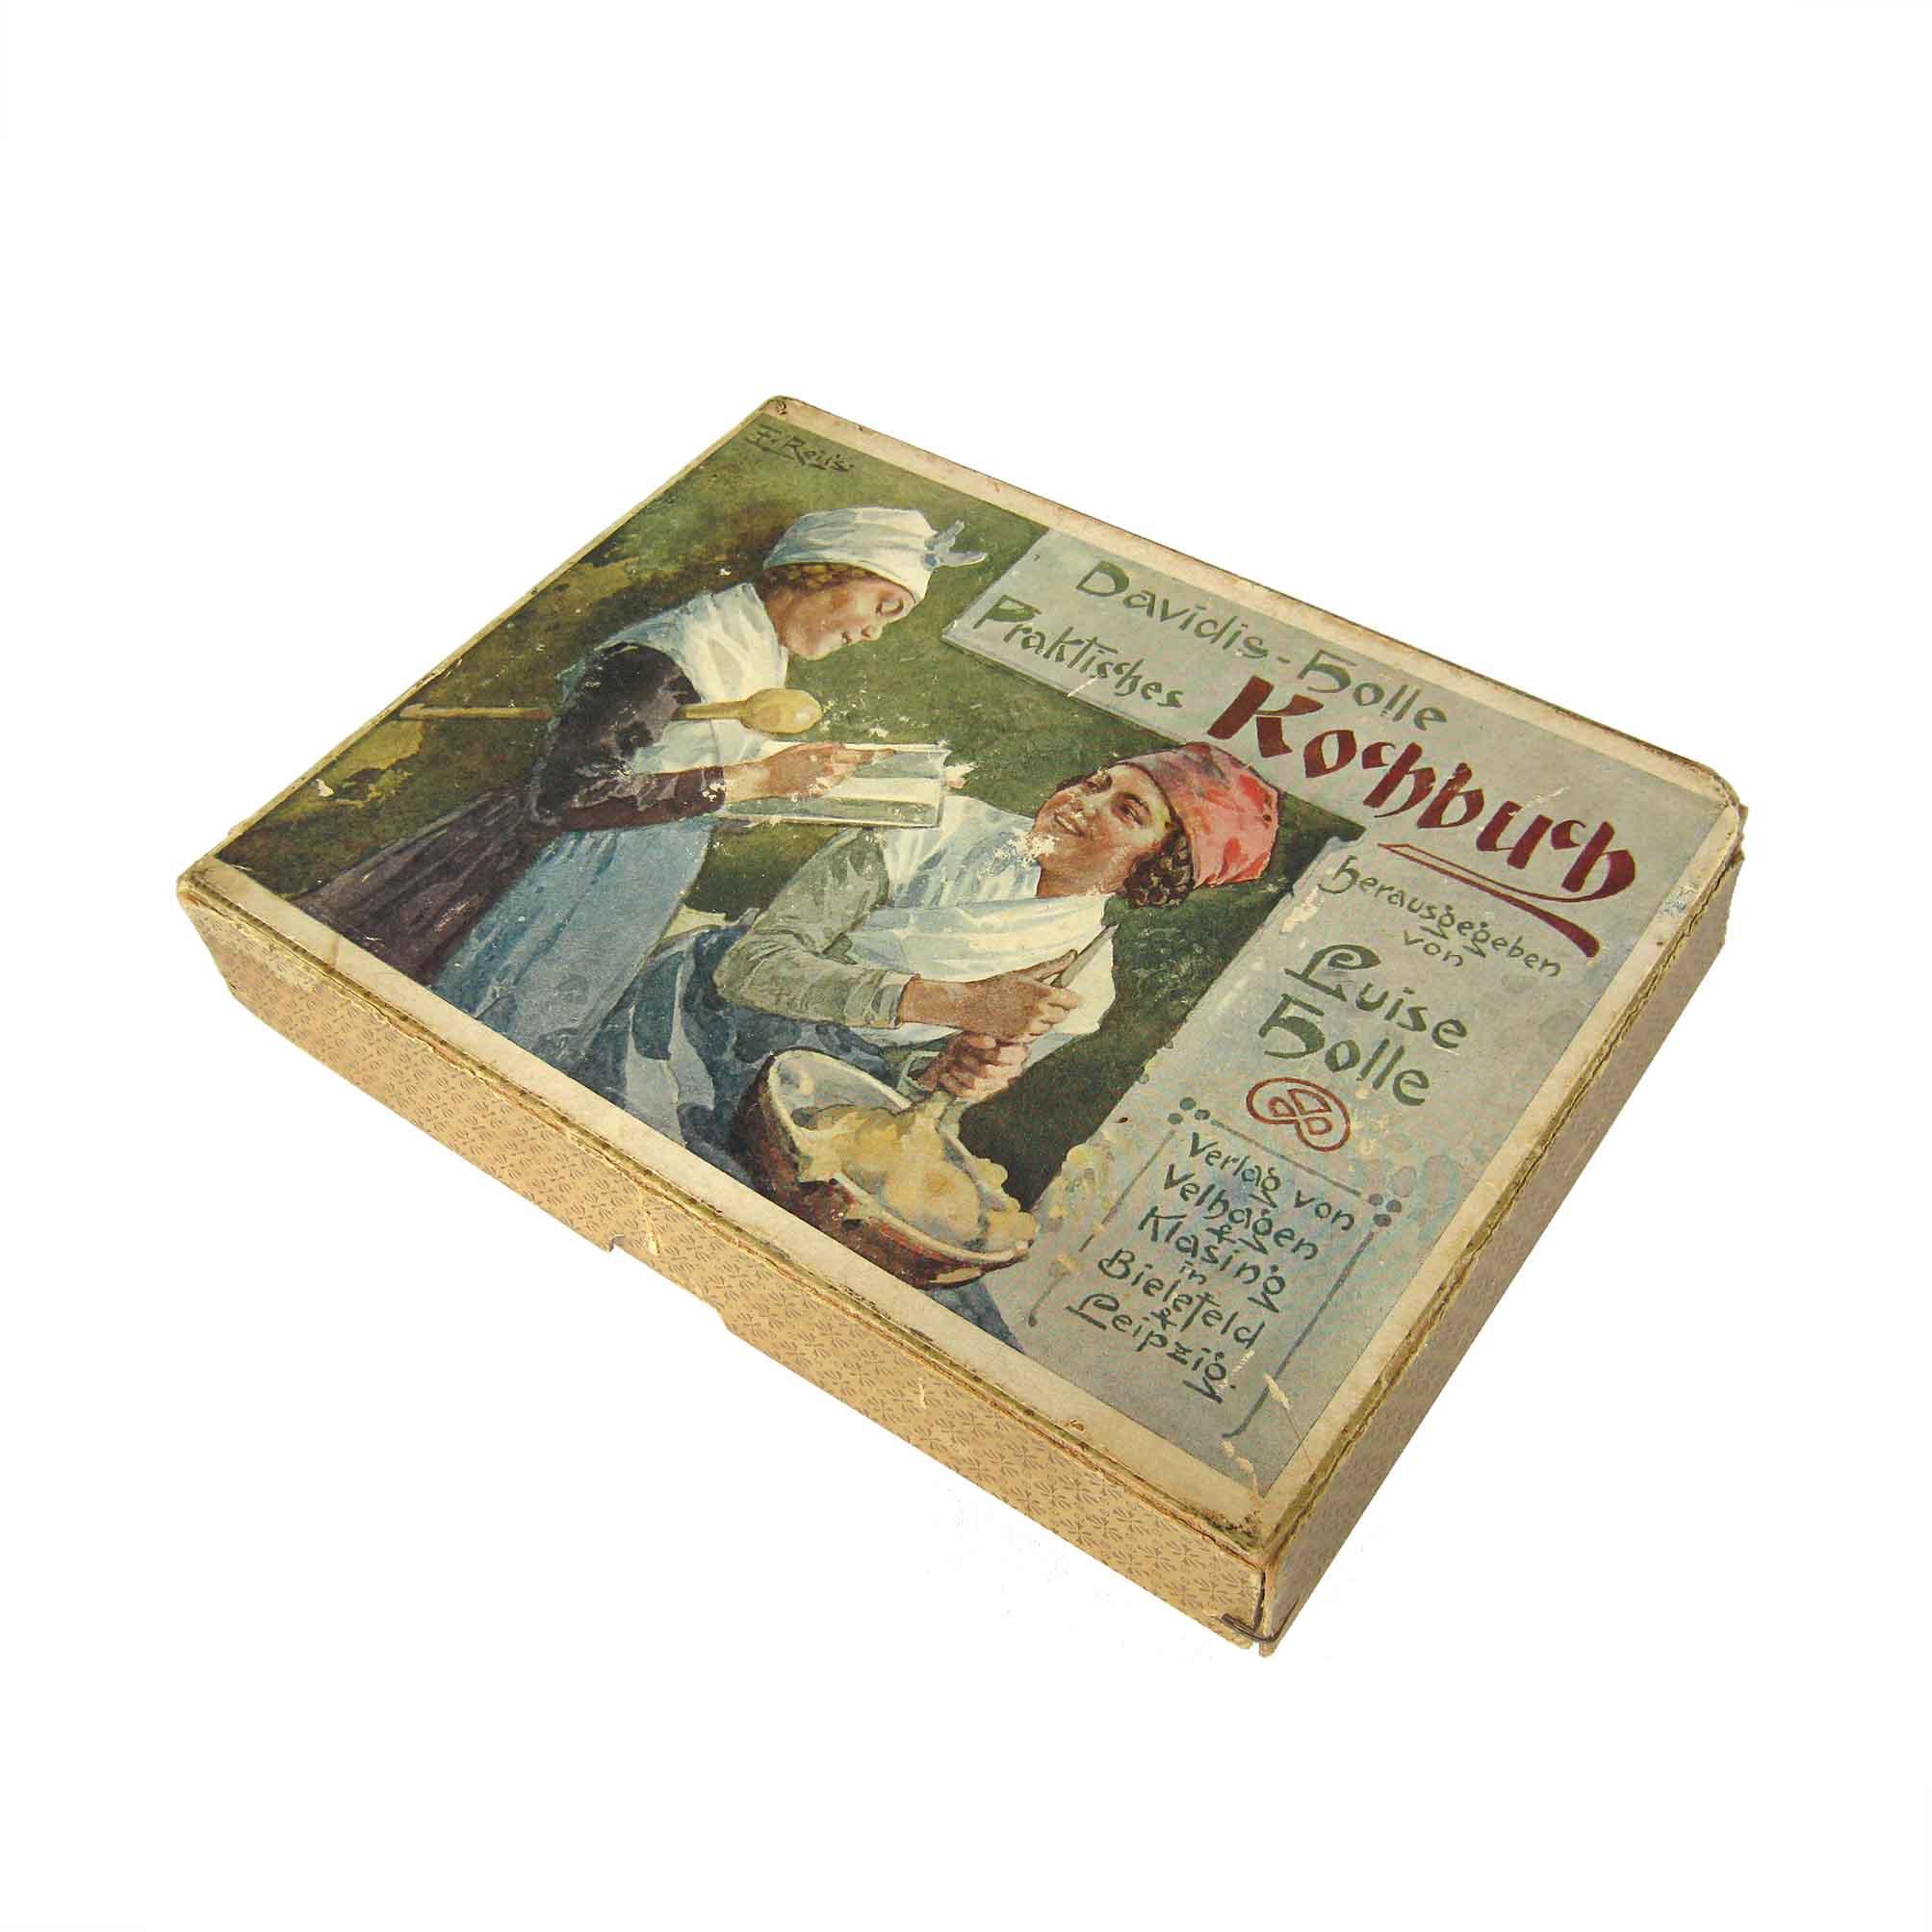 5516-Davidis-Holle-Kochbuch-Kassette-1903-frei-N.jpg